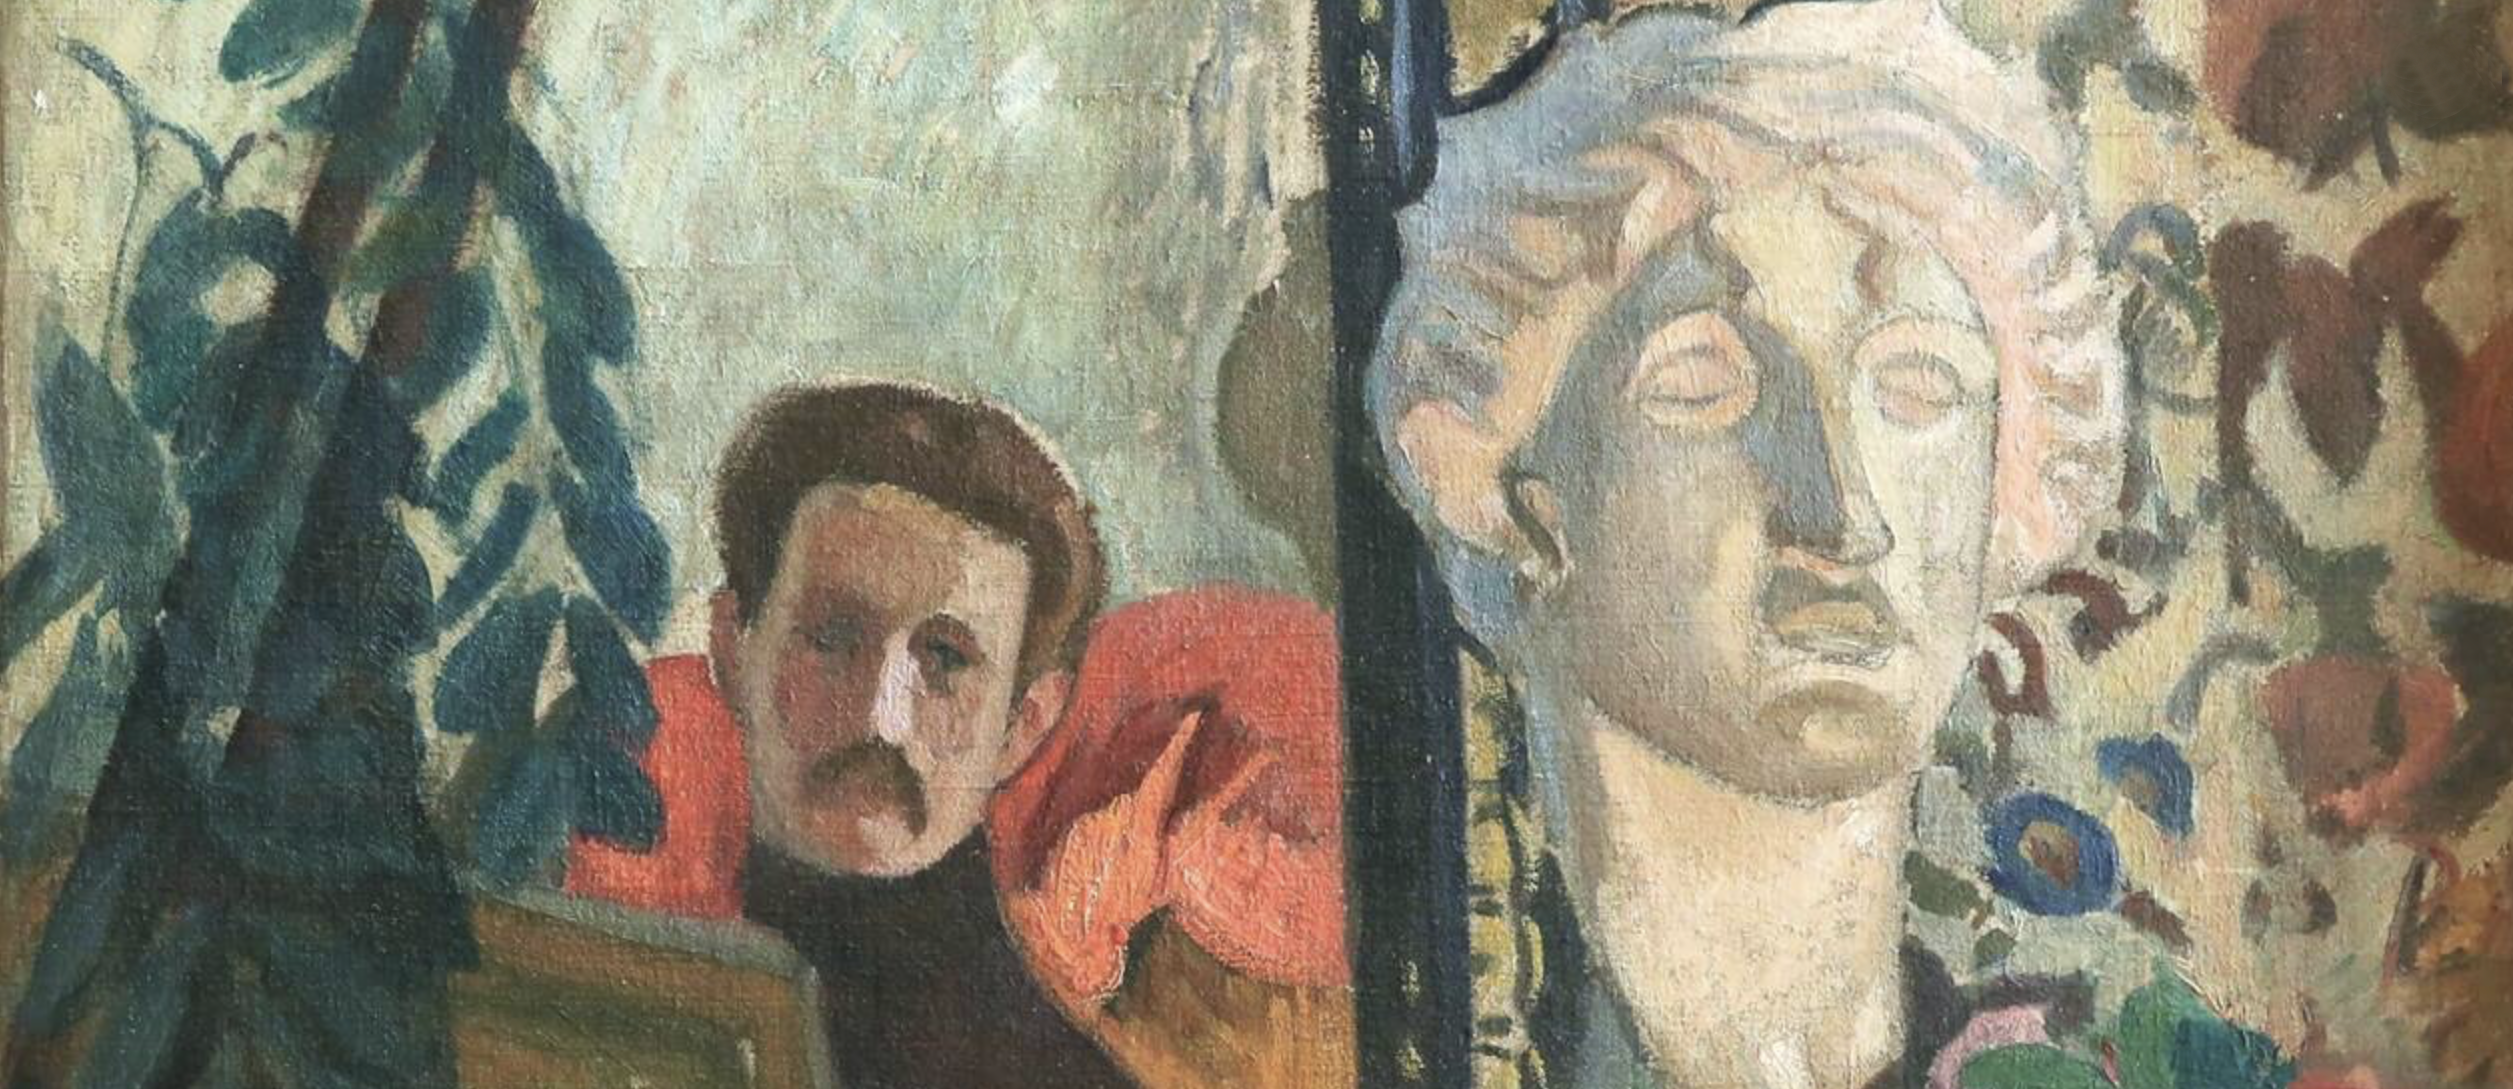 Nos experts exposent : Le fauve Jean Puy au Musée de Pont-Aven tout l'été